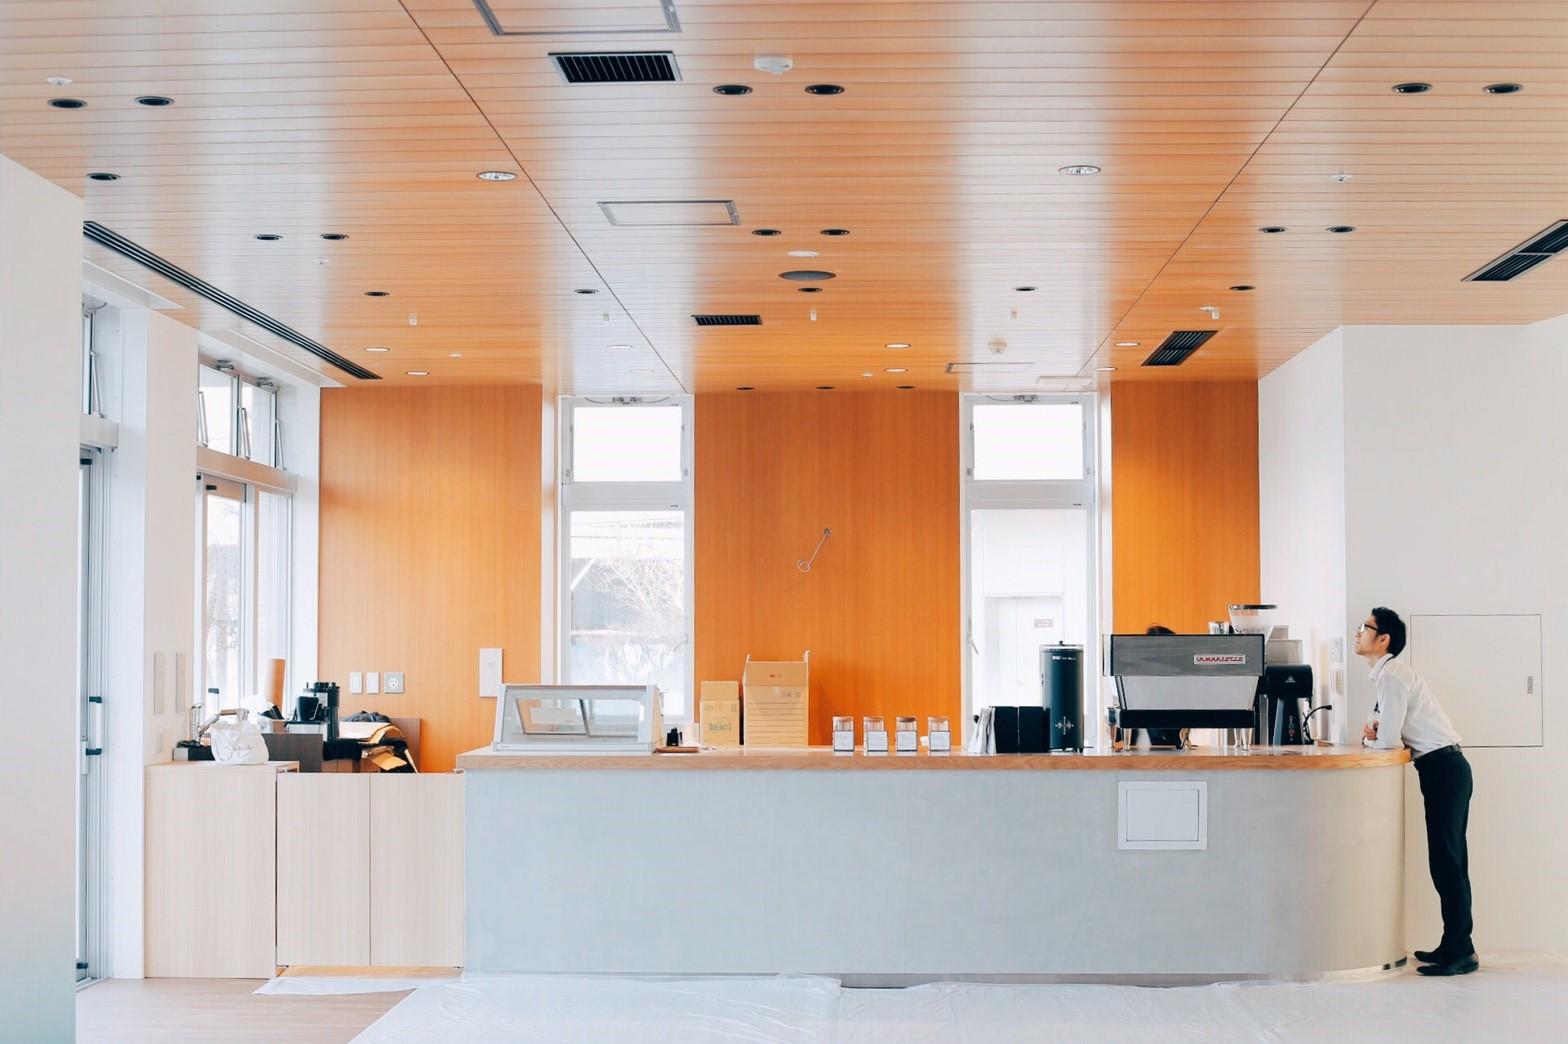 桜十字病院のカフェをプロデュースしました